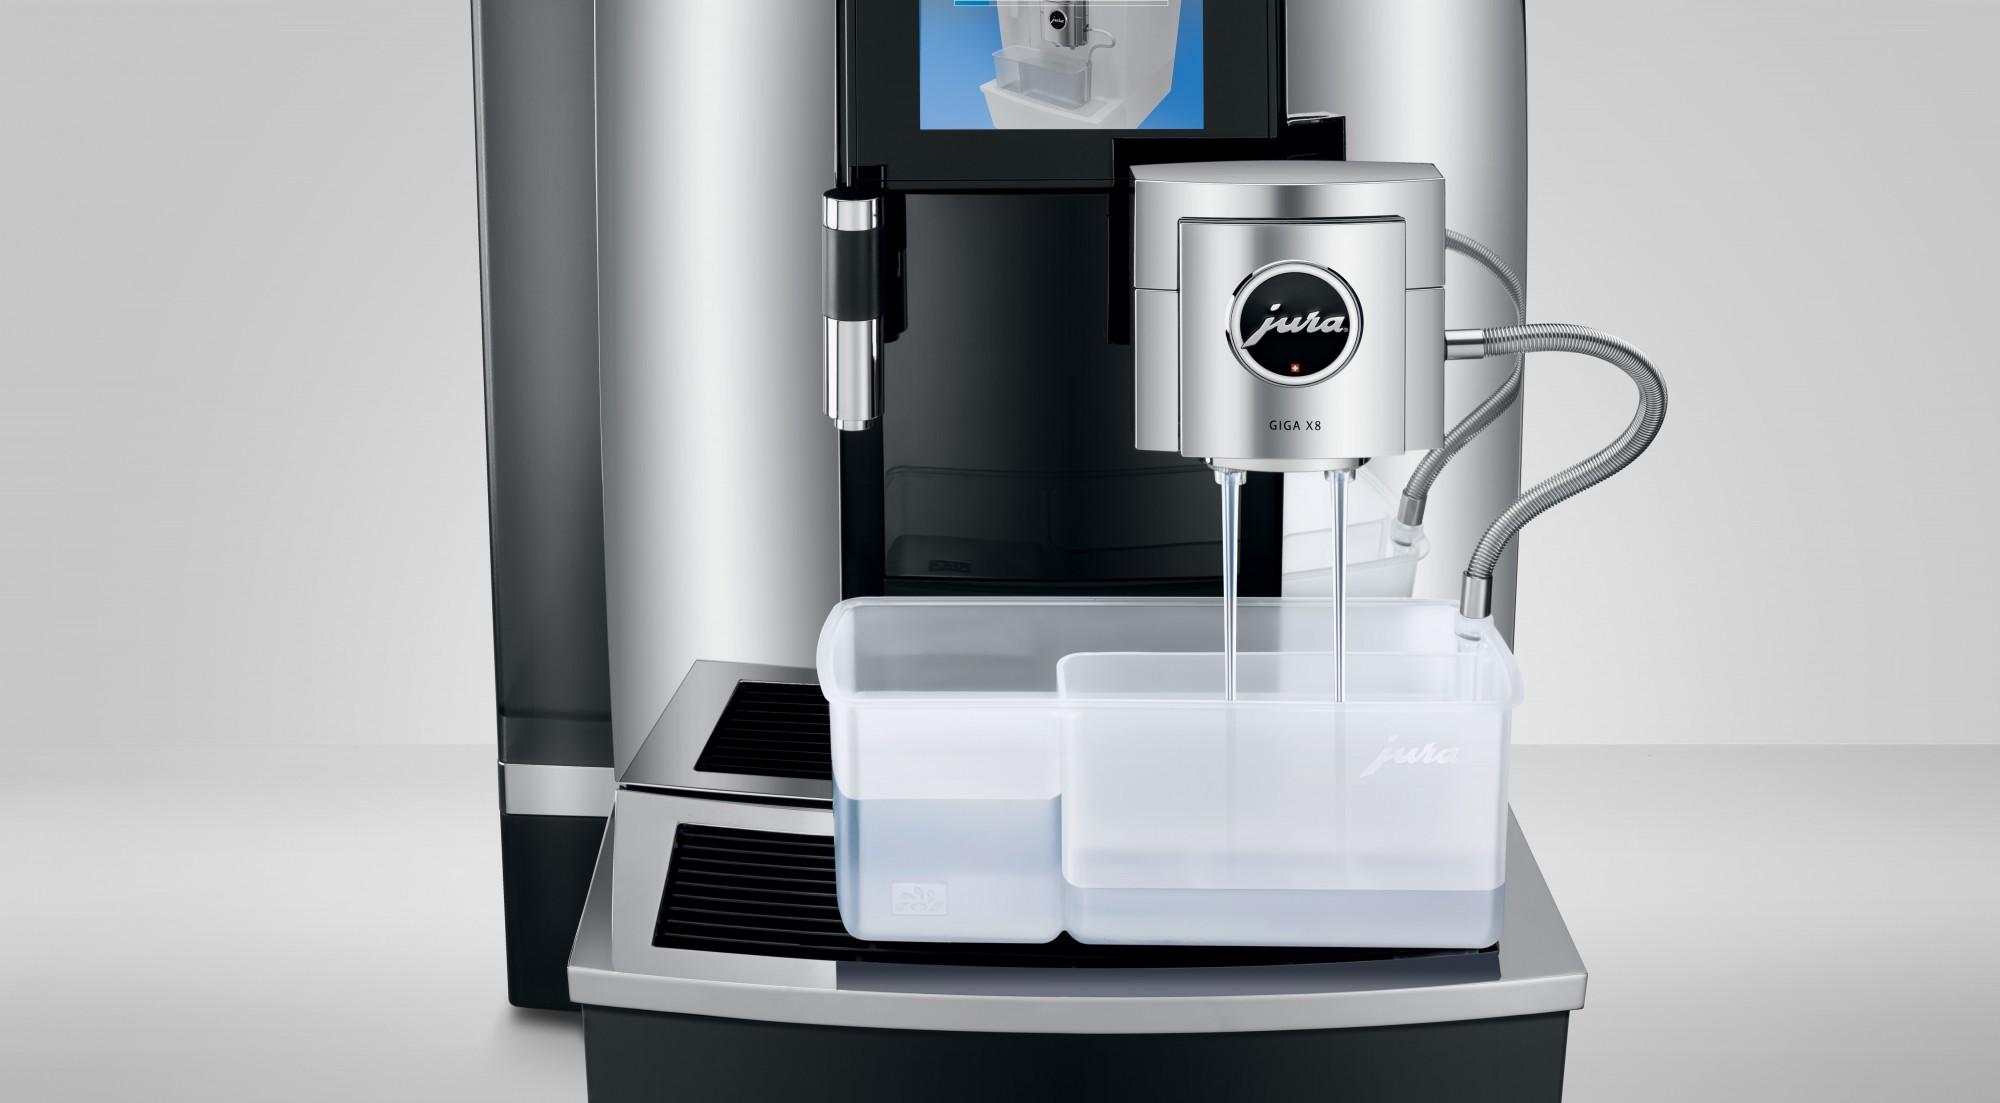 Eenvoudig melksysteem reinigen met Jura X8